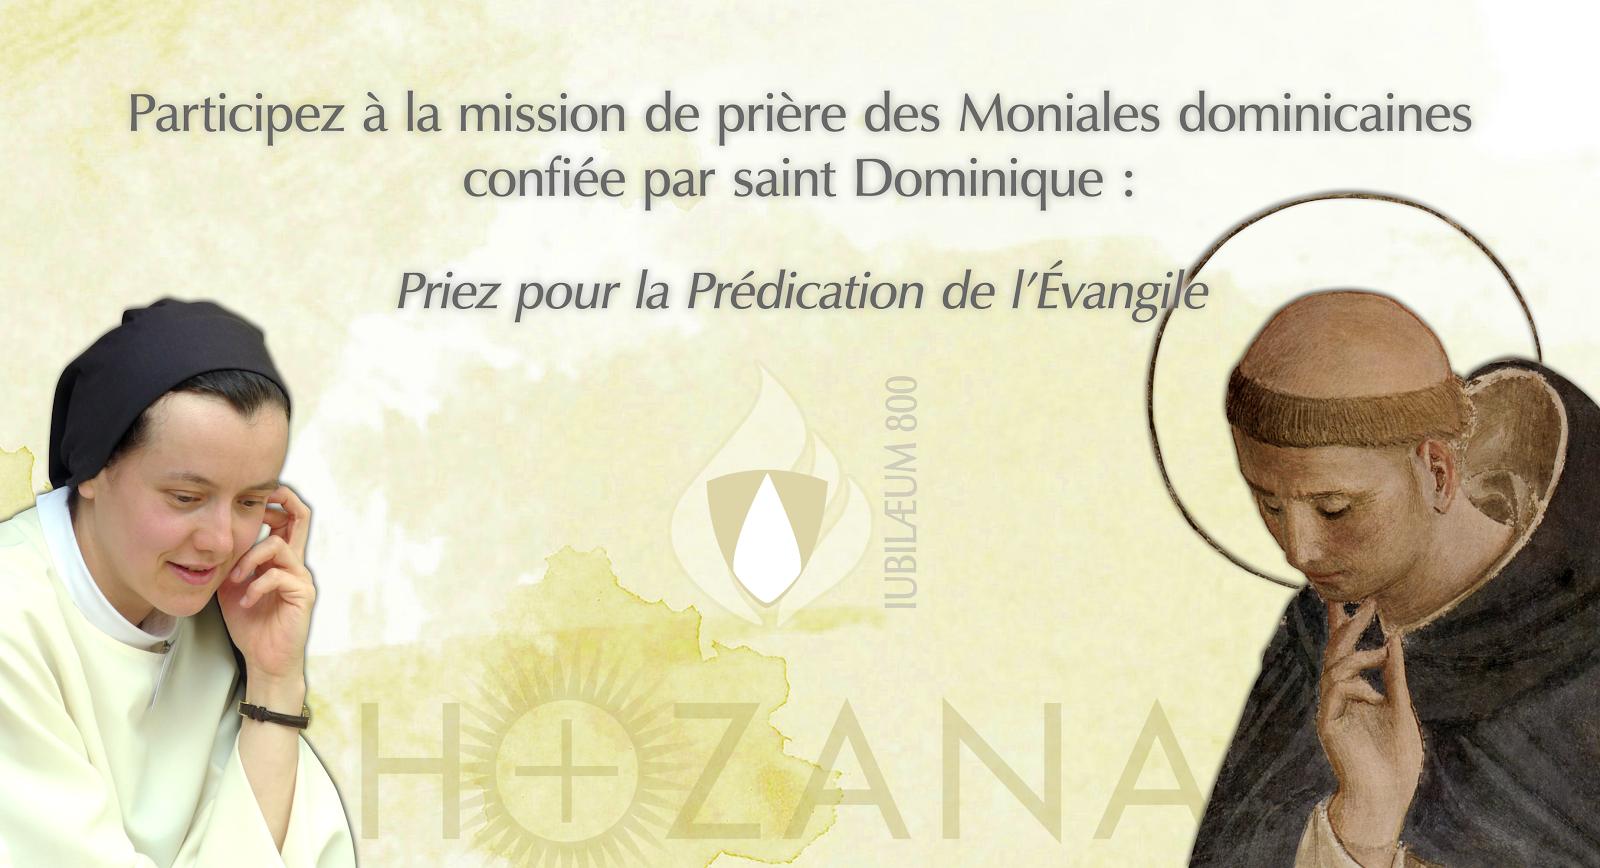 Fédération Notre Dame des Prêcheurs